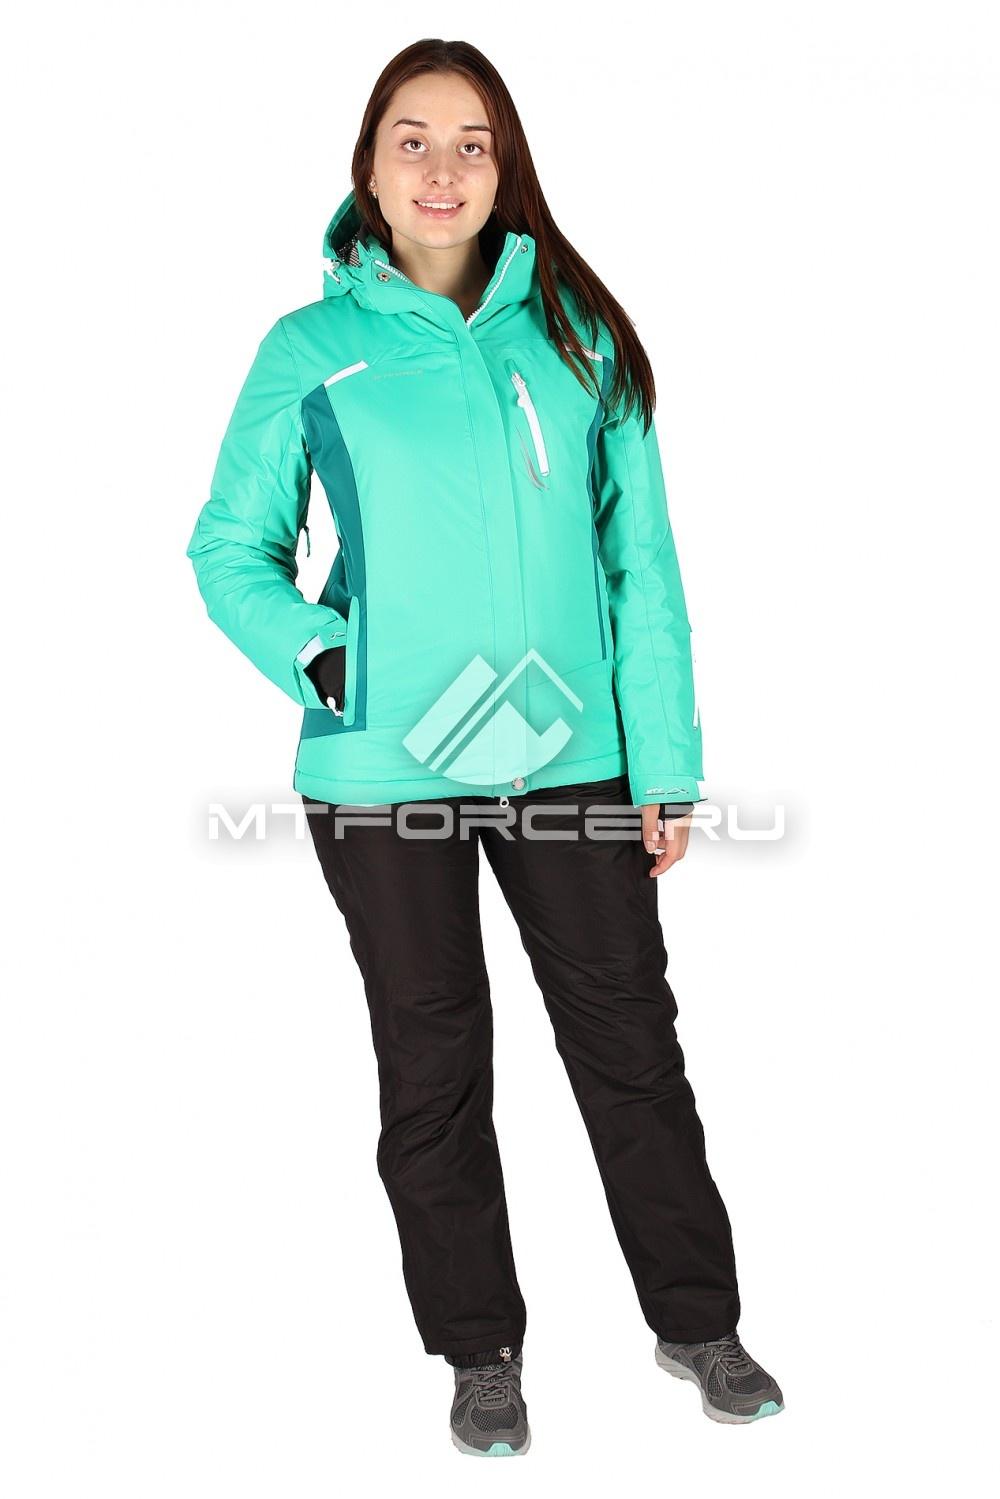 Купить                                  оптом Костюм горнолыжный женский зеленого цвета 01513Z